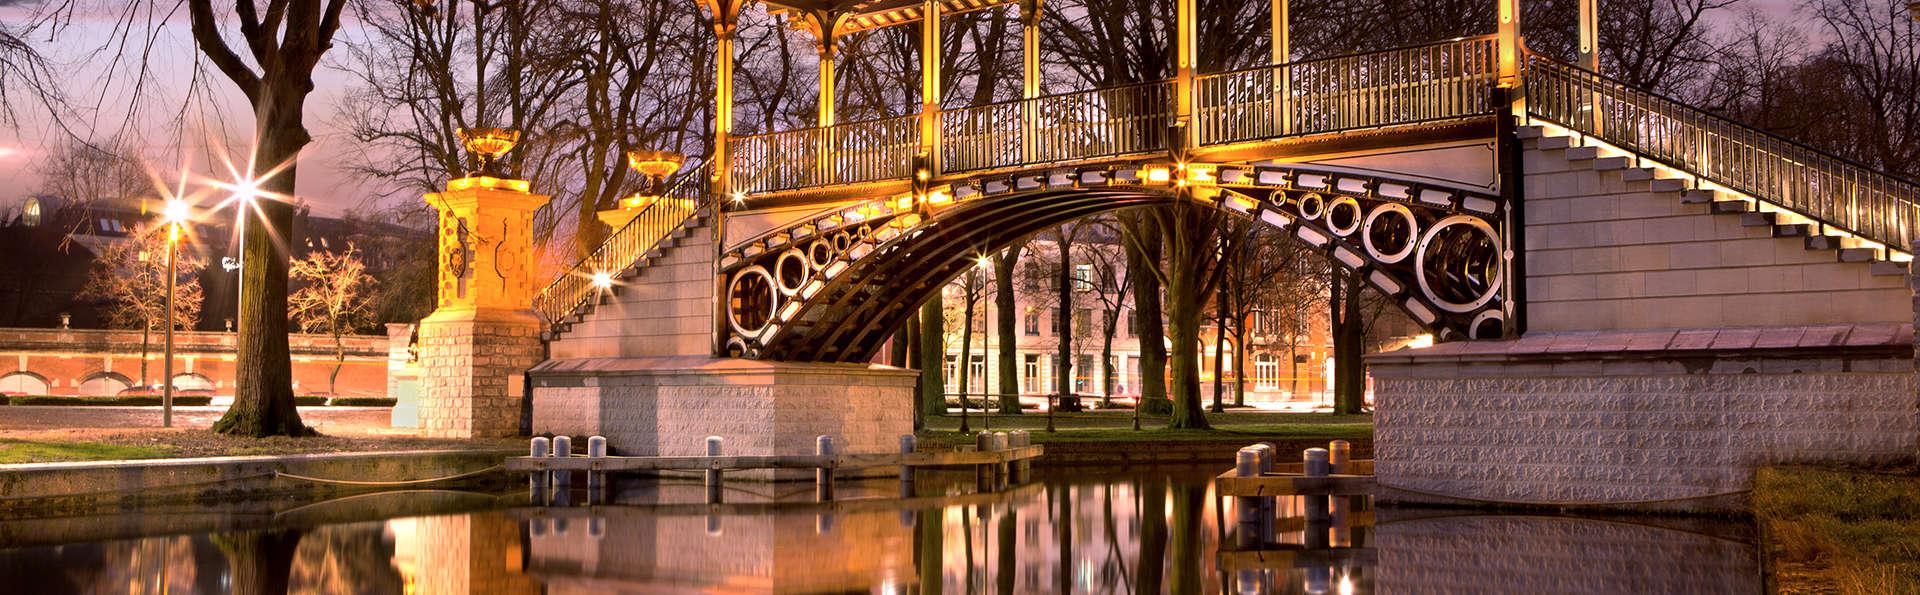 Escapade aux portes de Lille avec entrée coupe-file à la Villa Cavrois